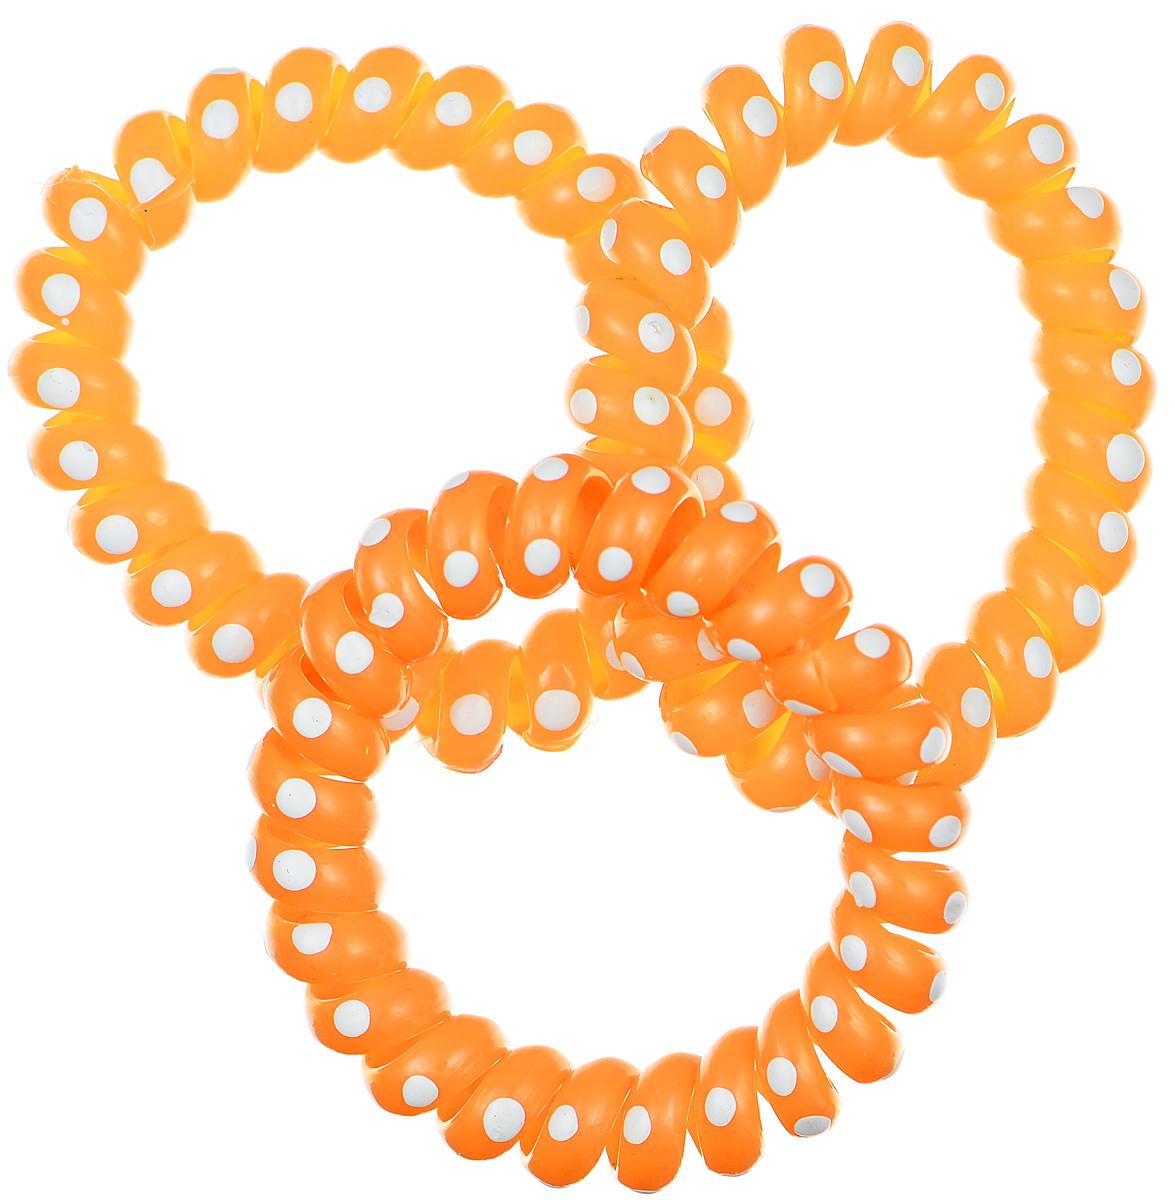 Резинка-браслет для волос Mitya Veselkov, цвет: оранжевый, 3 шт. REZ2-LORAREZ2-LORAЯркие резинки-браслеты Mitya Veselkov выполнены из качественной резины и оформлены принтом в горошек. Столь необычная форма резинок дает множество преимуществ. Резинка не оставляет заломов на волосах. При длительном ношении, снимая ее, вы не почувствуете усталость волос. Оригинально смотрится на волосах. Отлично сохраняет свою форму и надежно фиксирует прическу. Не мокнет. Не травмирует волосы. В отличие от обычных резинок, нет трения, зажимов отдельных волосков или прядей. Также их можно использовать как стильные браслеты.